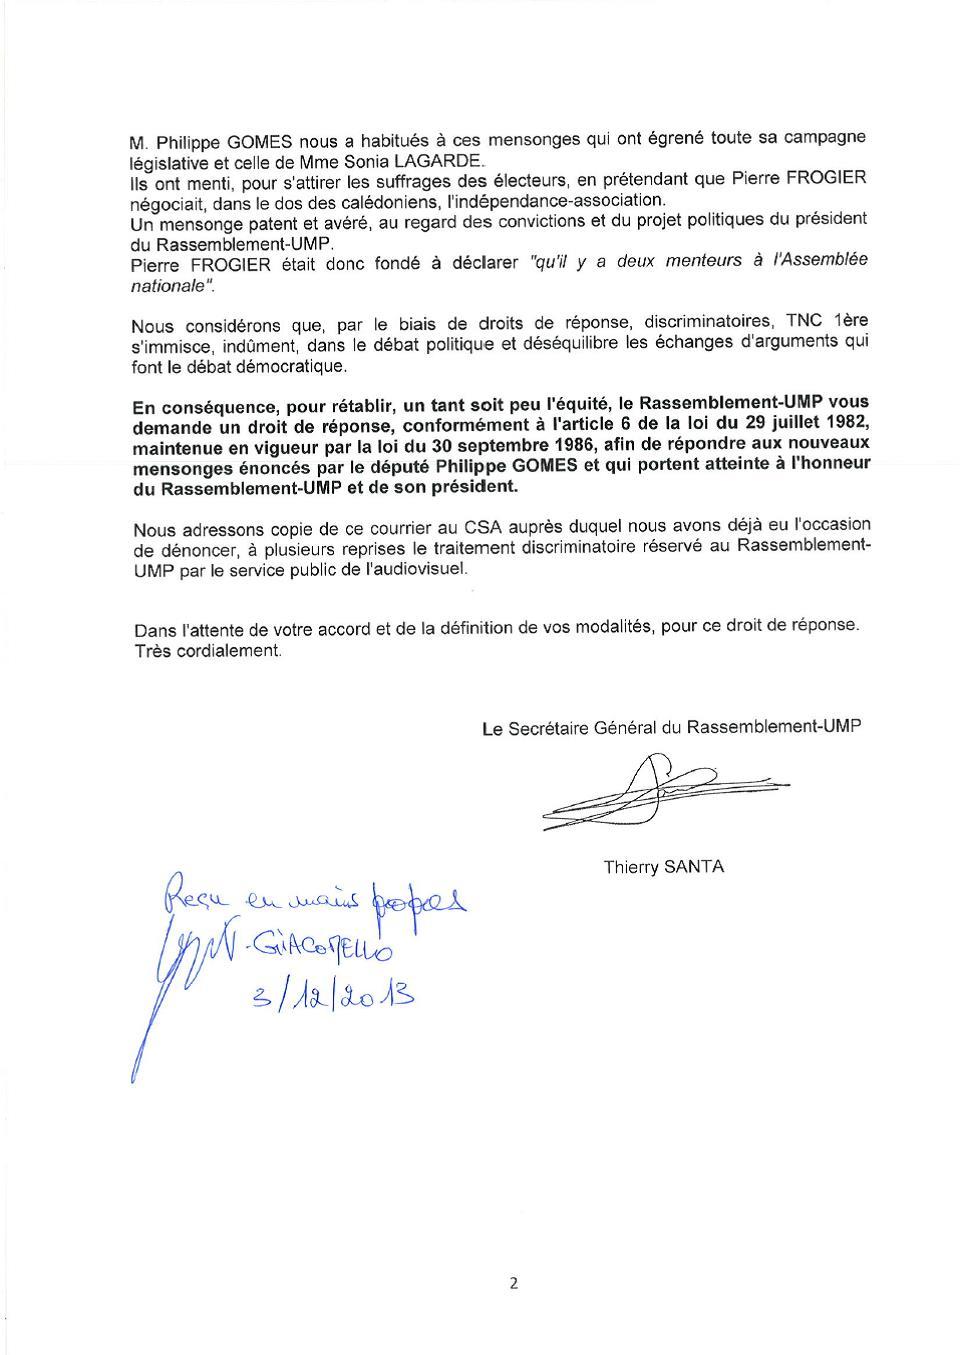 2013-12-03-droit-de-reponse-page-2